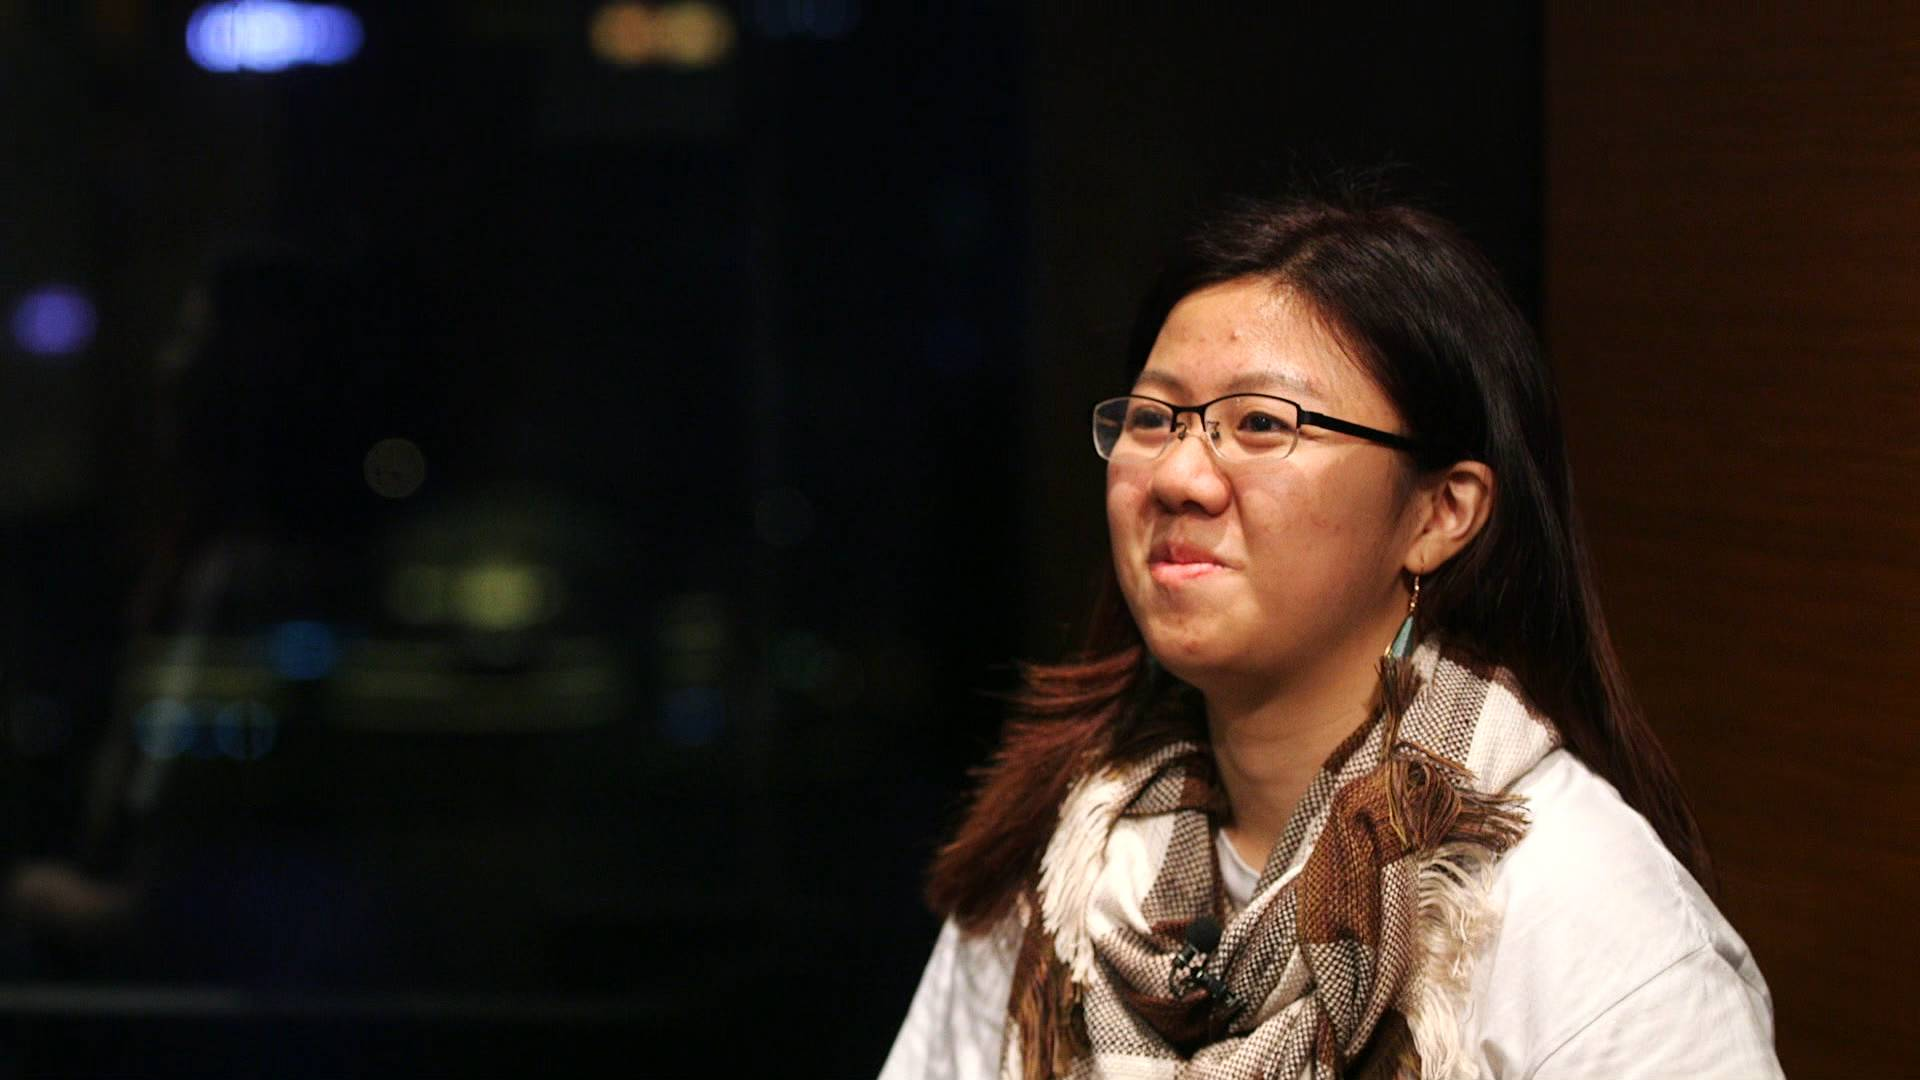 38秒 |  黎曦蔚:在山东大学学习是一件很幸福的事情